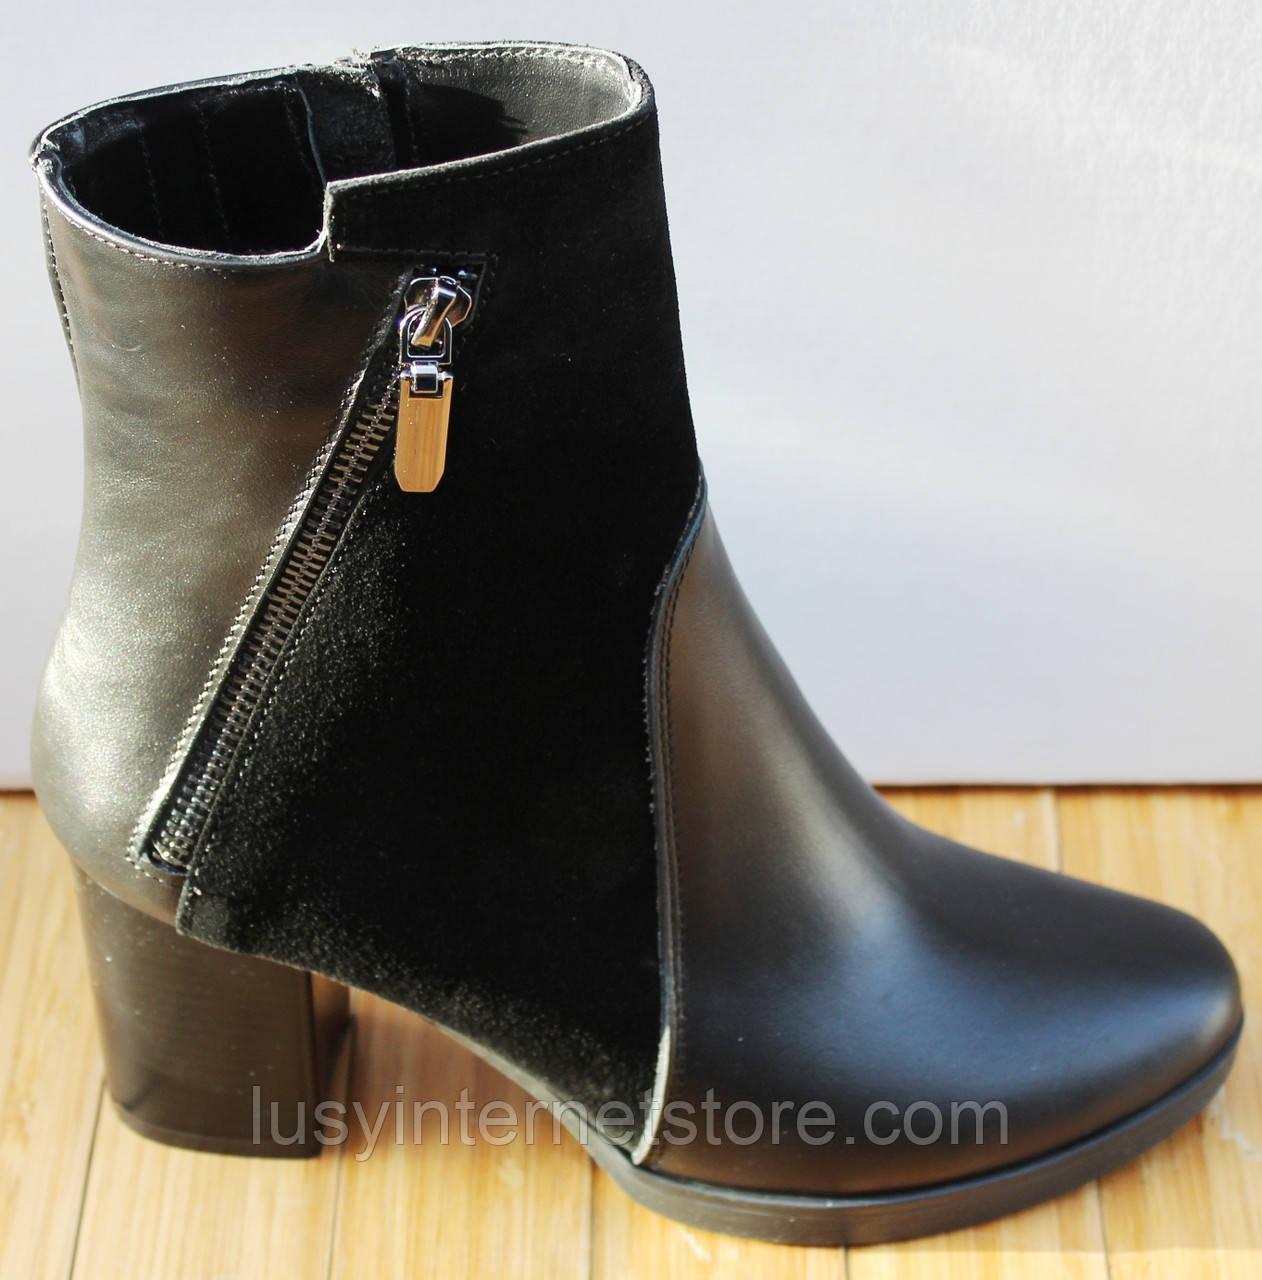 Ботинки женские черные демисезонные на каблуке от производителя модель СК109